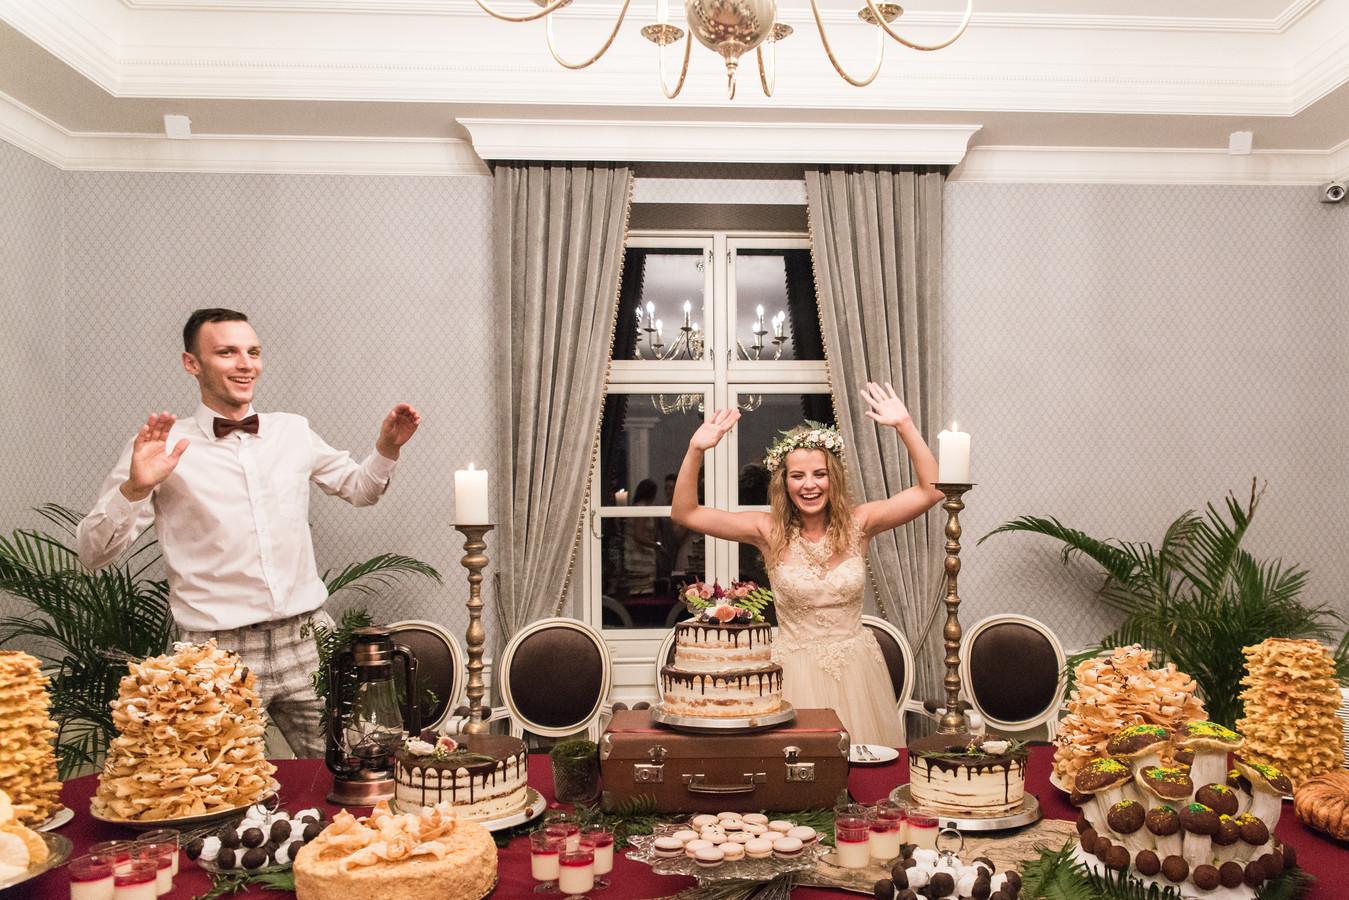 Taip pat galime priimti švenčių dekoravimo užsakymus. Nuotraukoje - mūsų dekoruotas saldusis stalas. Nuotrauka: Photo Aistė